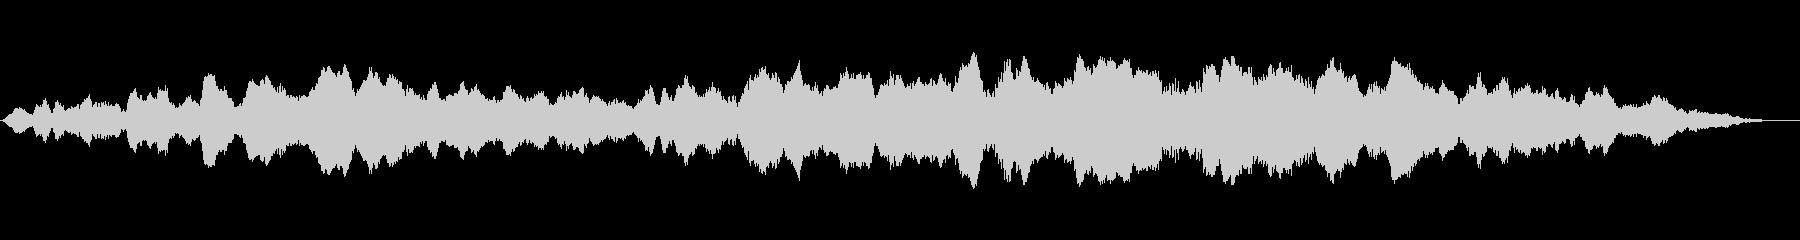 ベッドスペースオデッセイディスカバリーの未再生の波形